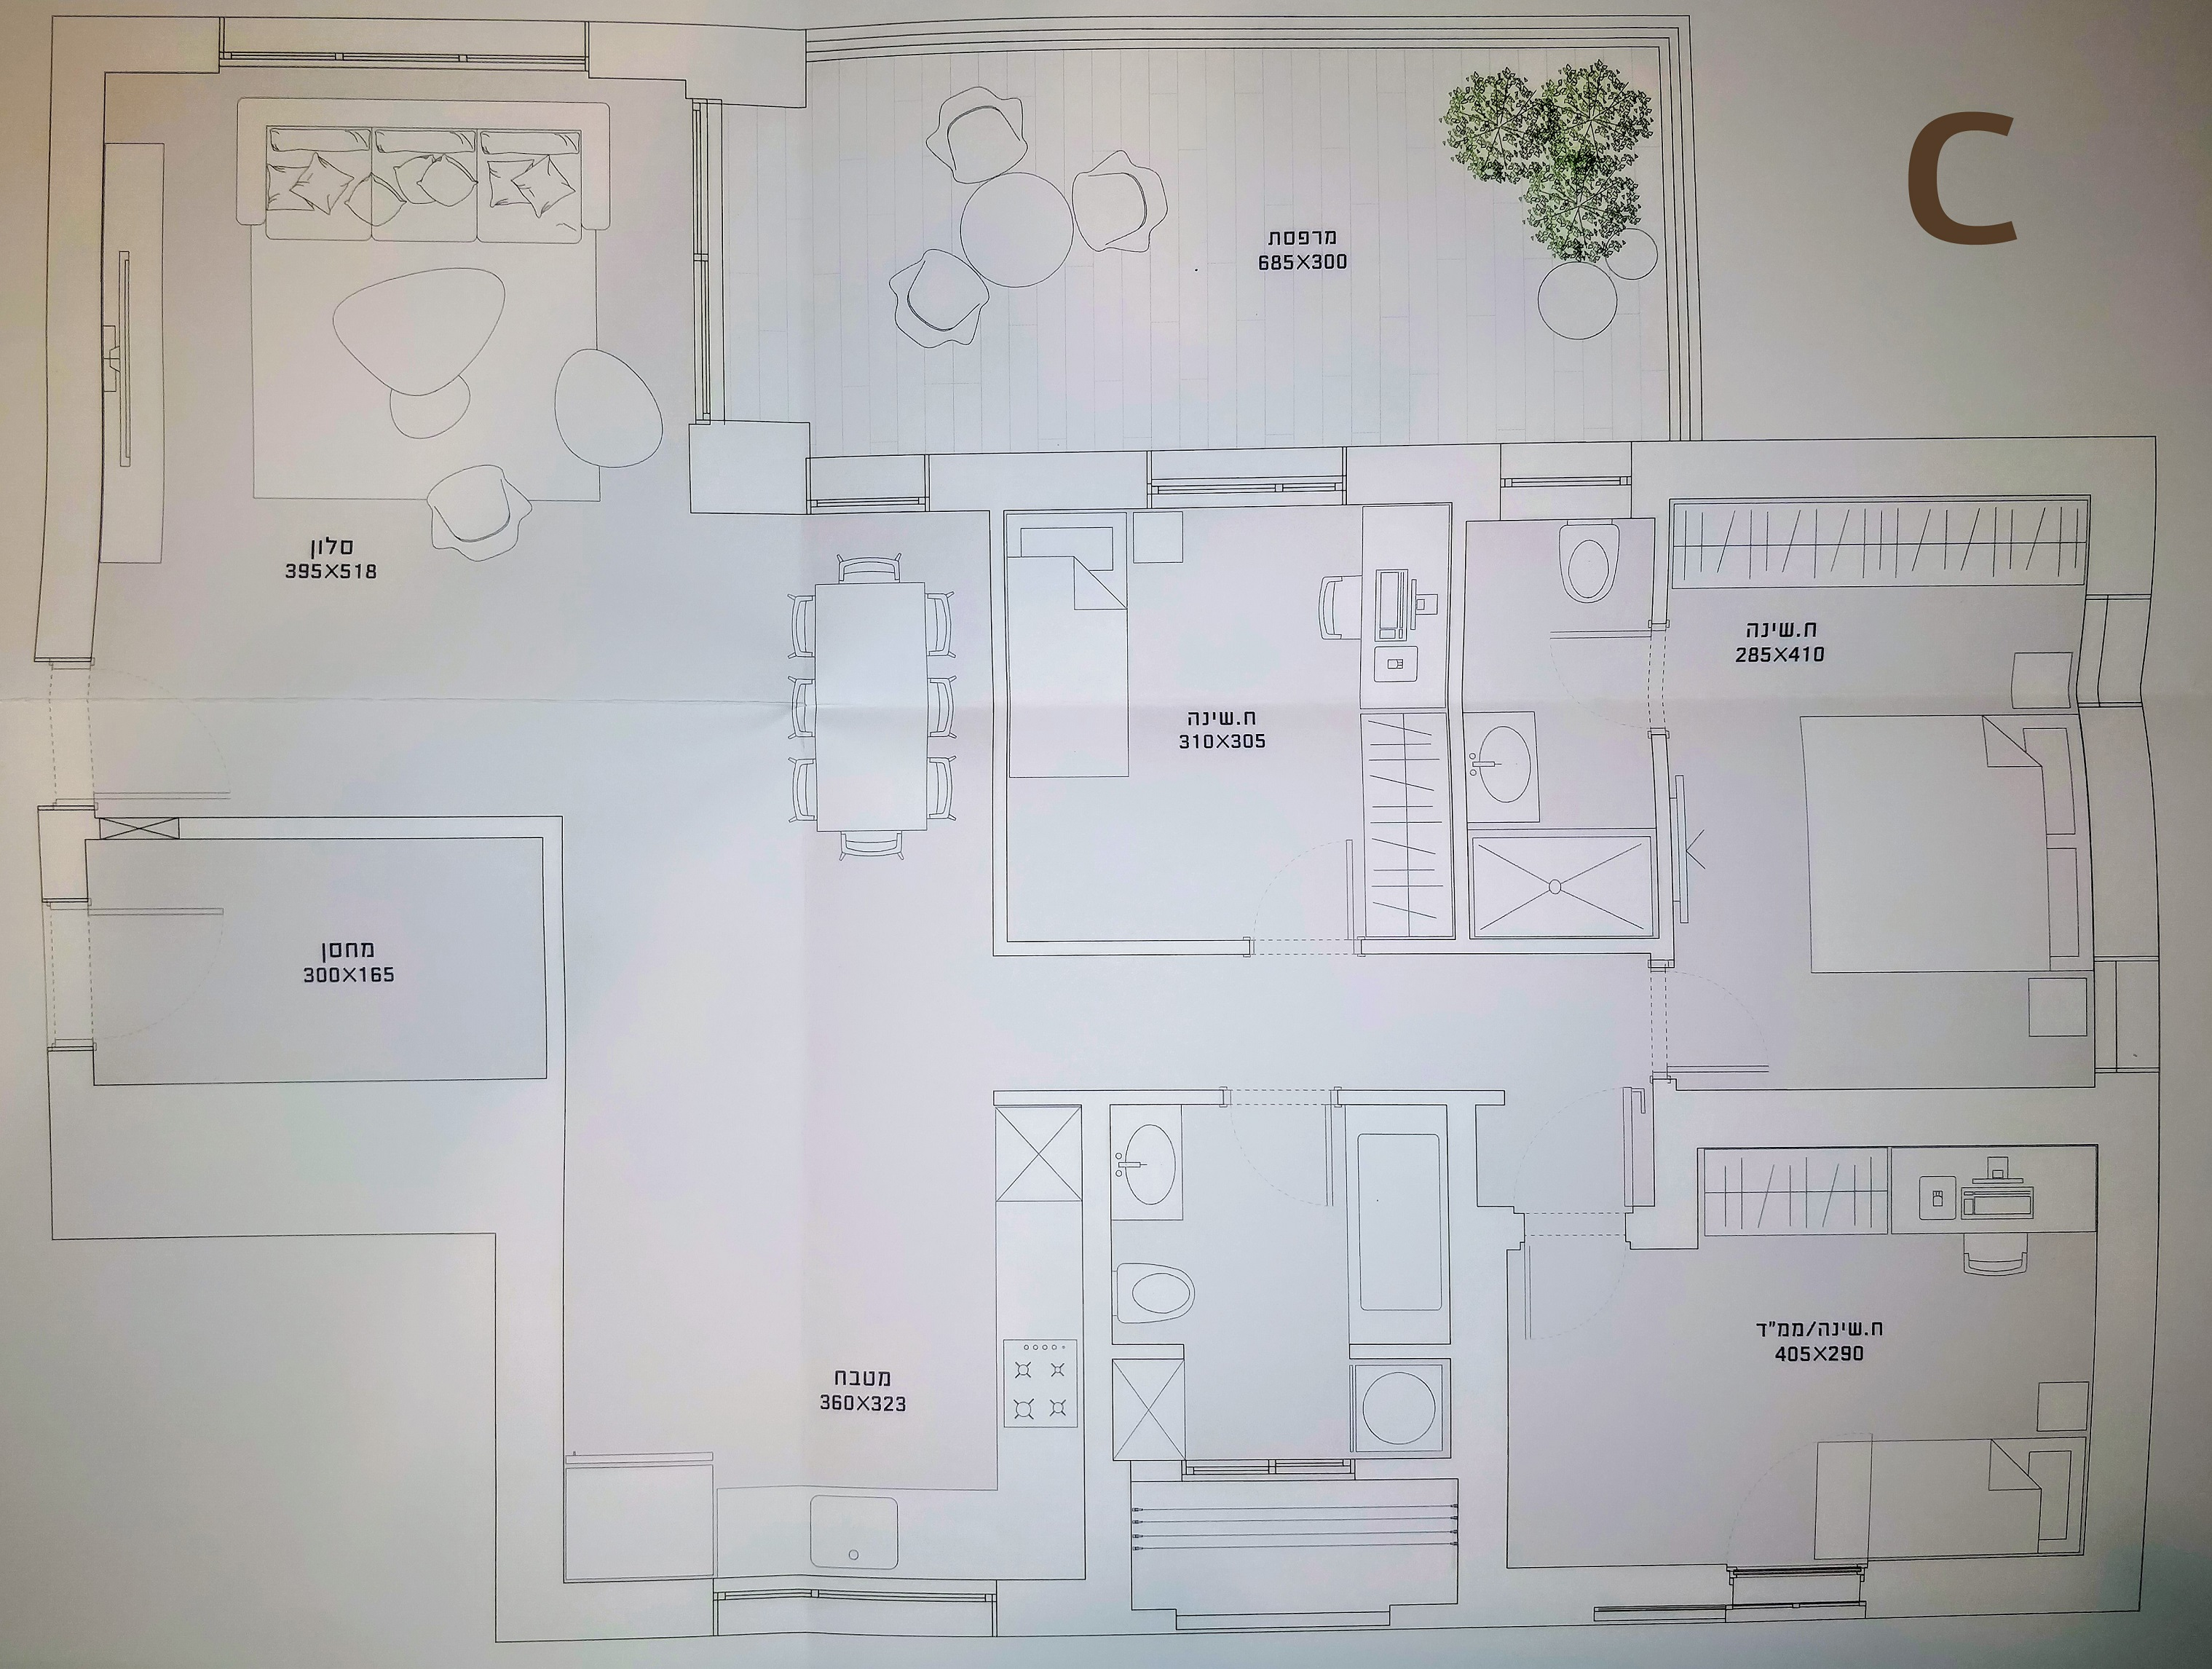 4חדרים C copy